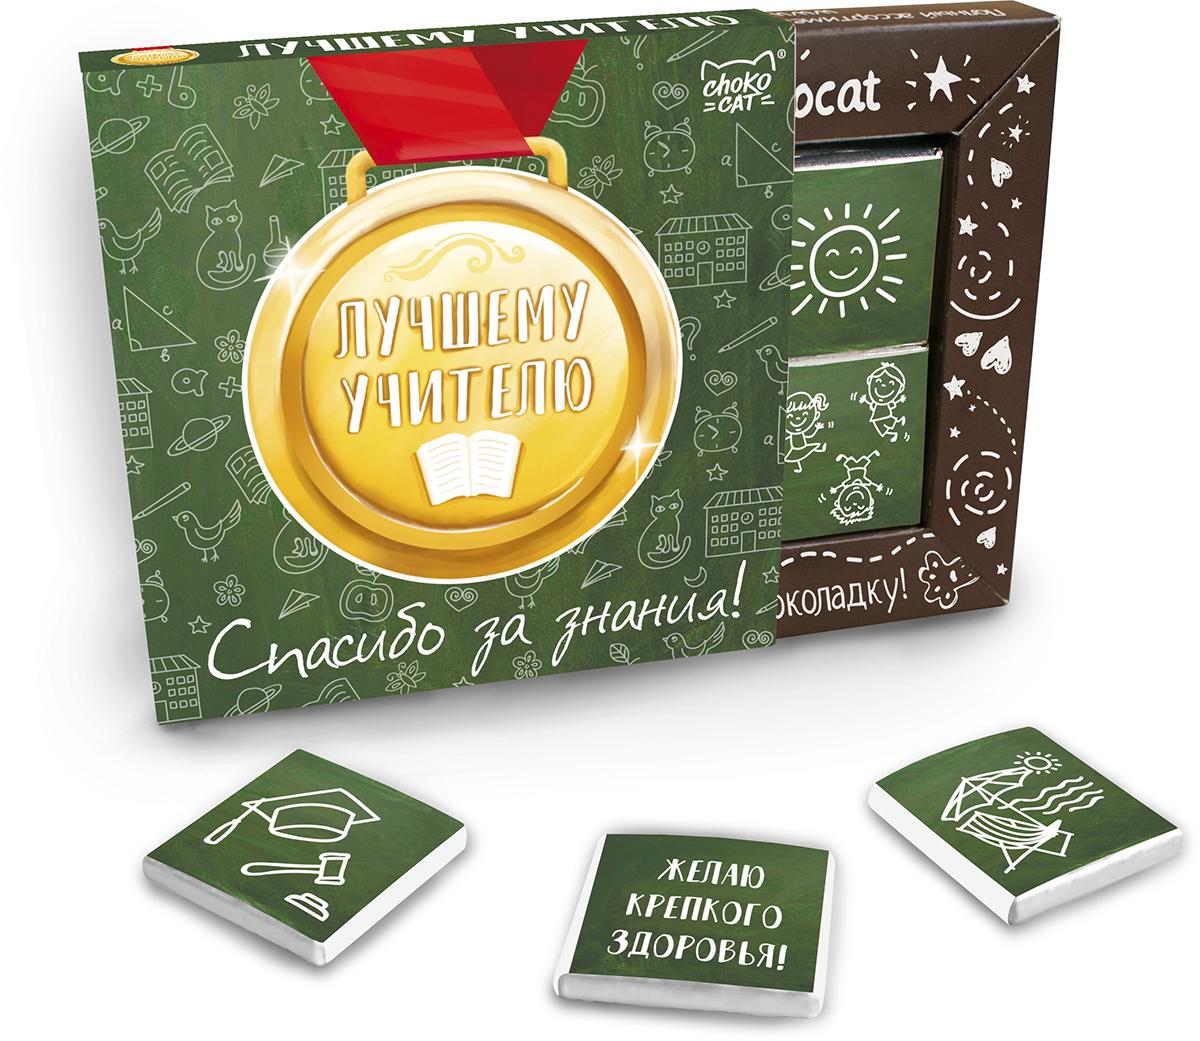 Chokocat Лучшему учителю молочный шоколад, 60 гСТ057Шоколадный набор Chokocat Лучшему учителю для самого лучшего учителя! Спасибо за все!Набор из 12 молочных шоколадок высшего сорта, каждая из которых завернута в оригинальную этикетку с иллюстрацией и надписью - станет прекрасным дополнением к подарку или же самостоятельным подарком.Уважаемые клиенты!Обращаем ваше внимание на возможные изменения в дизайне упаковки. Качественные характеристики товара остаются неизменными. Поставка осуществляется в зависимости от наличия на складе.